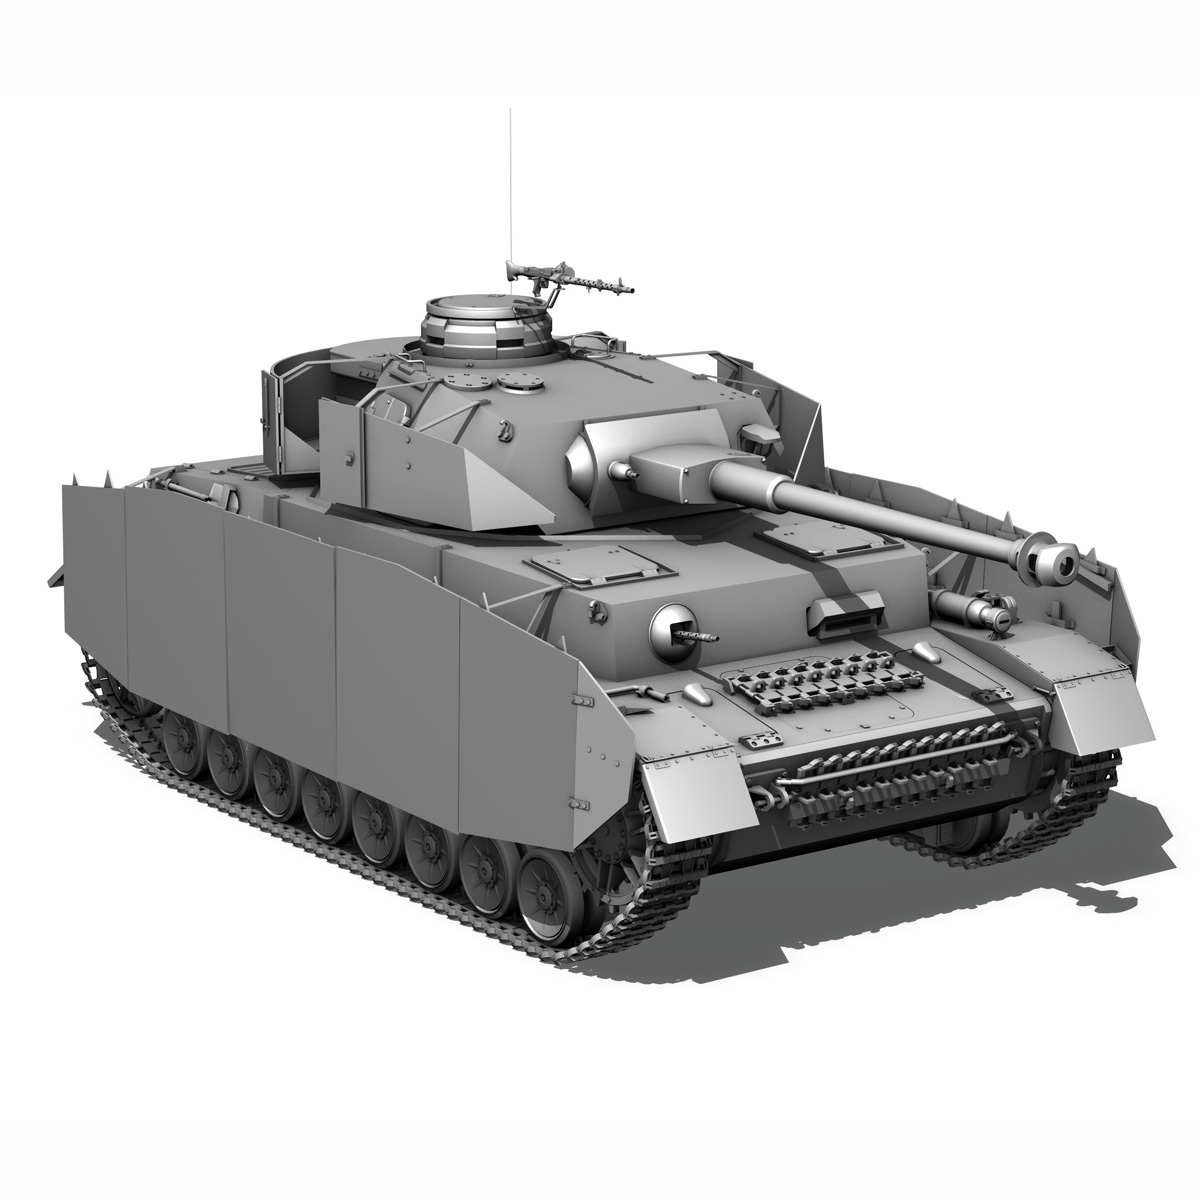 sd.kfz 161 pzkpfw iv - panzer 4 - ausf.h késő 3d modell 3ds fbx c4d lwo obj 190318